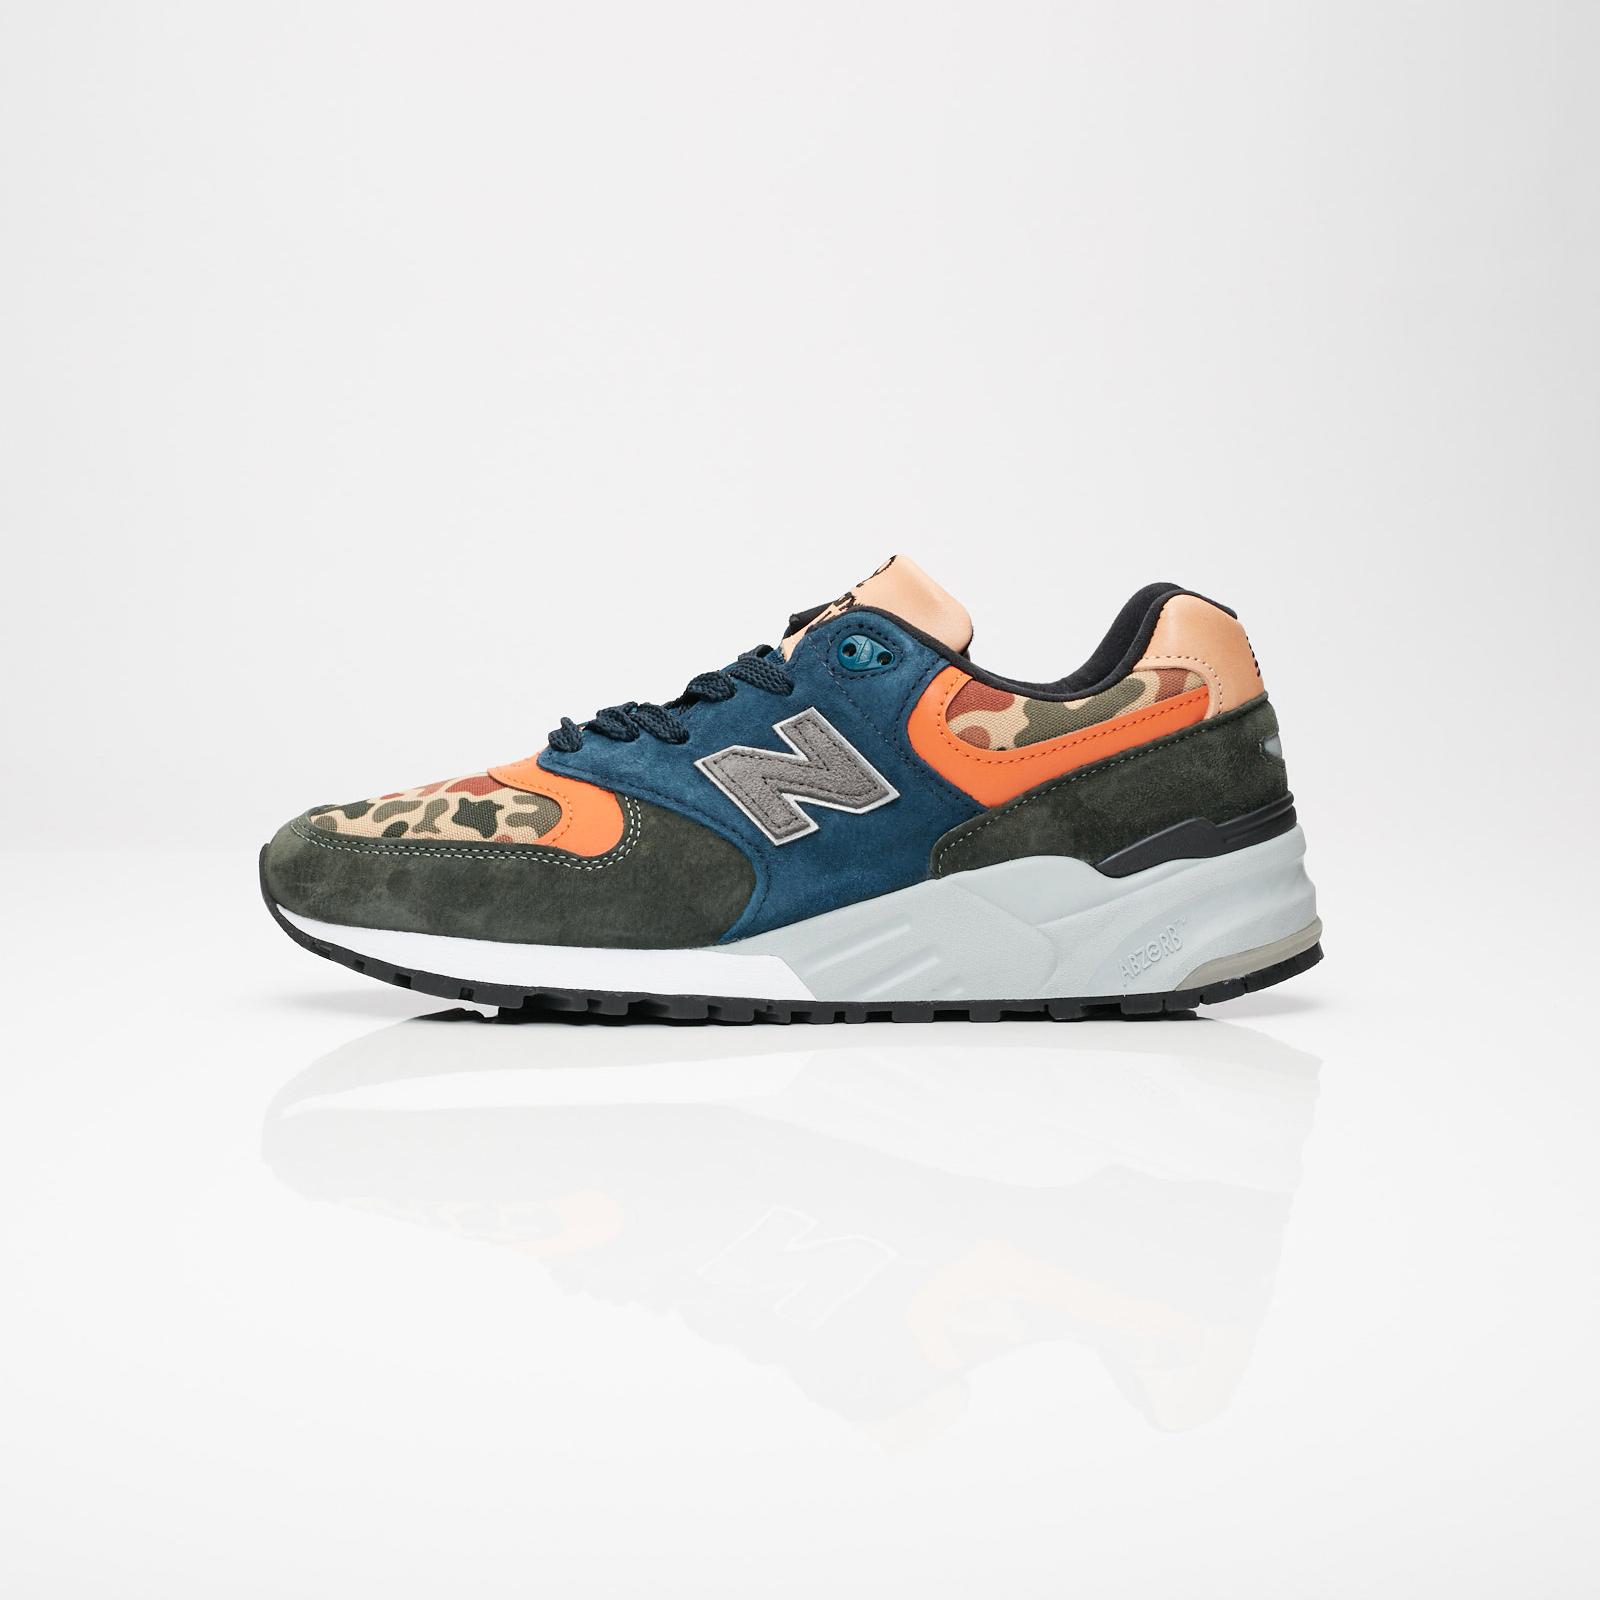 197d5010e48d7 New Balance M999 - M999ni - Sneakersnstuff | sneakers & streetwear online  since 1999